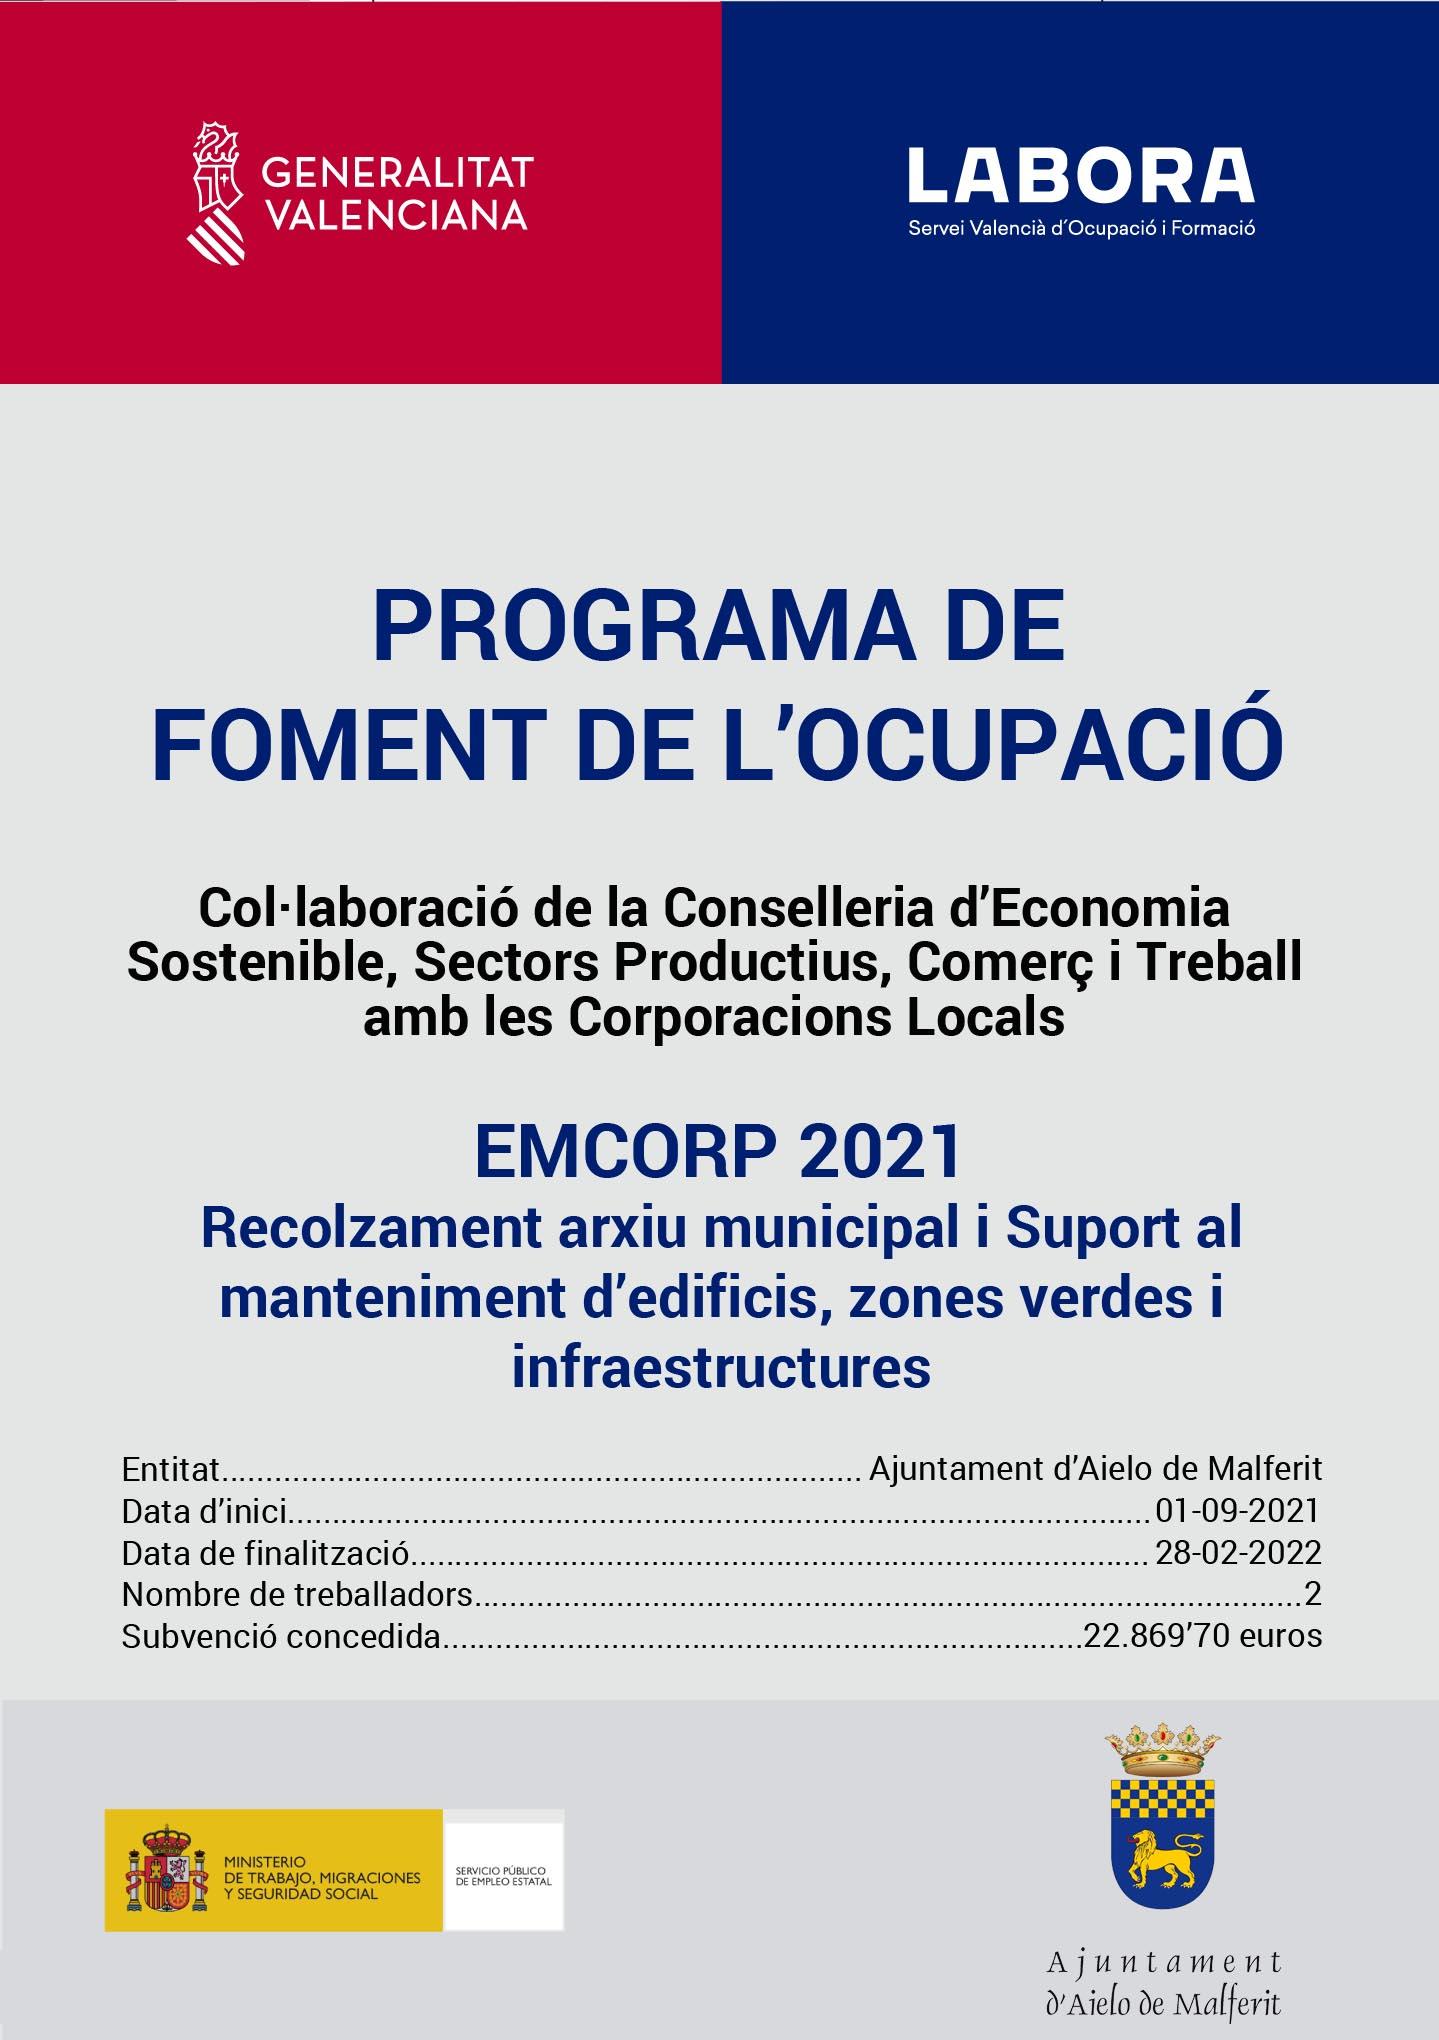 L'Ajuntament contracta 2 persones aturades dintre del programa EMCORP